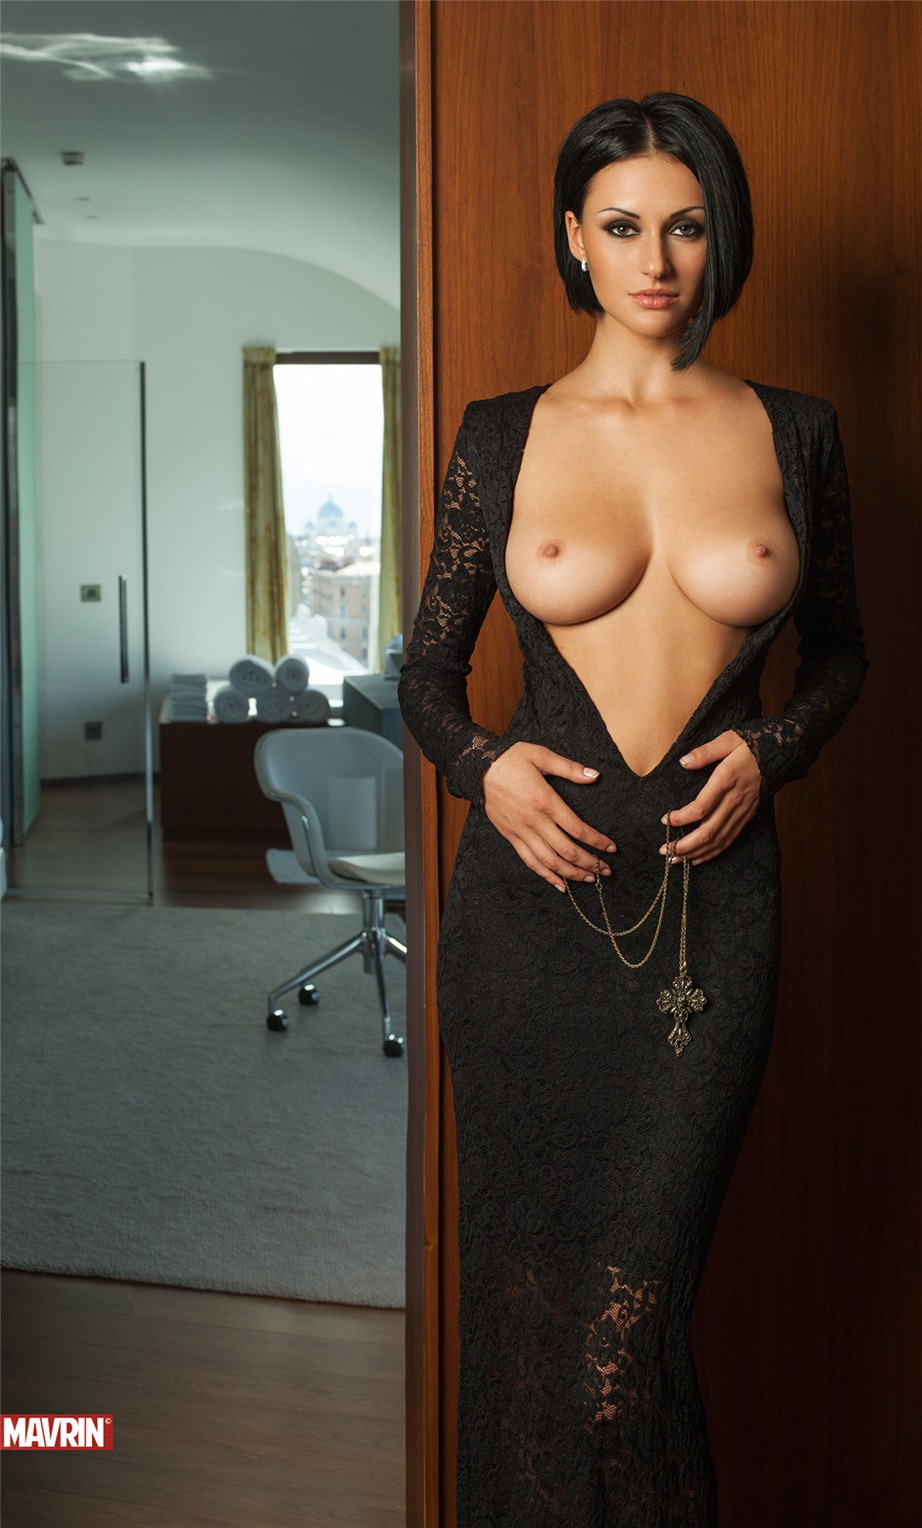 Фото в платье голые 6 фотография